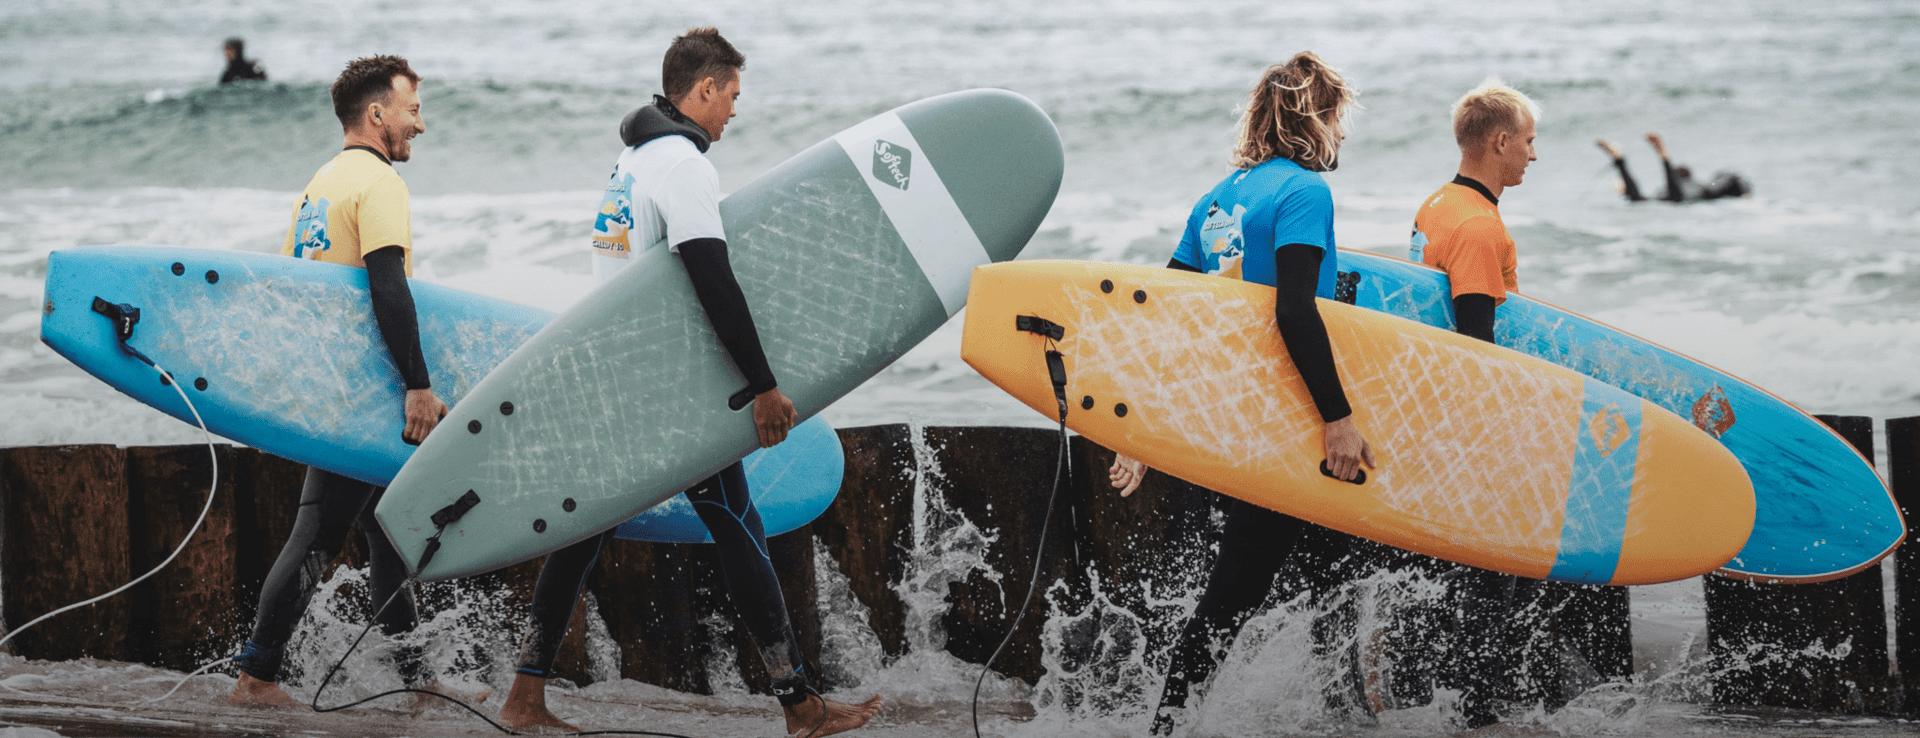 surferzy idący do wody -Wypożyczalnia desek surfingowych